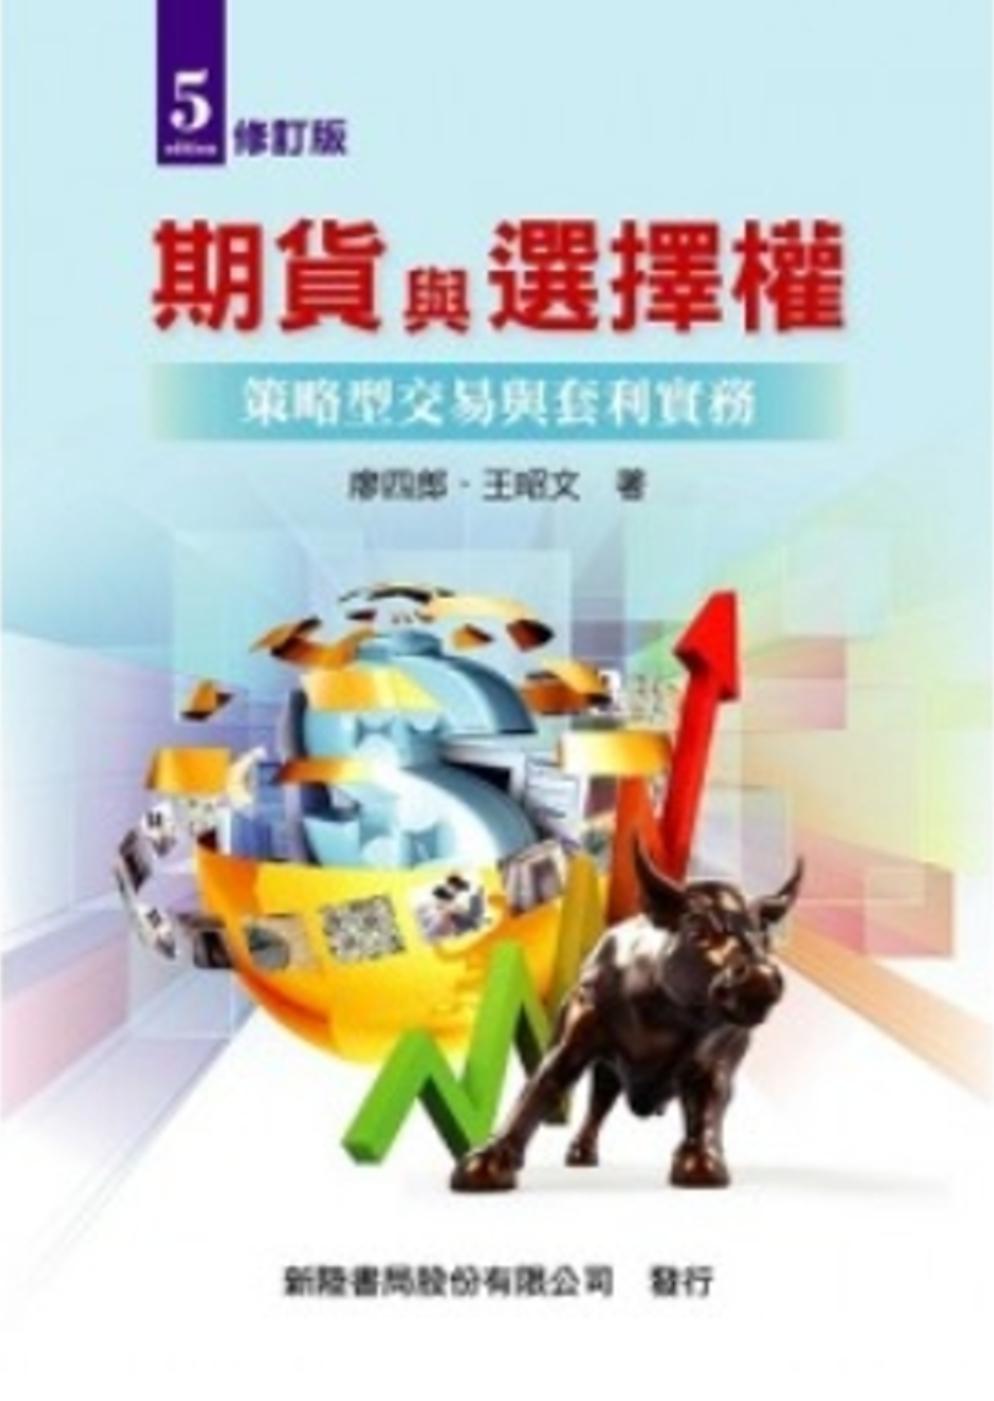 期貨與選擇權:策略型交易與套利實務(第五版修訂)